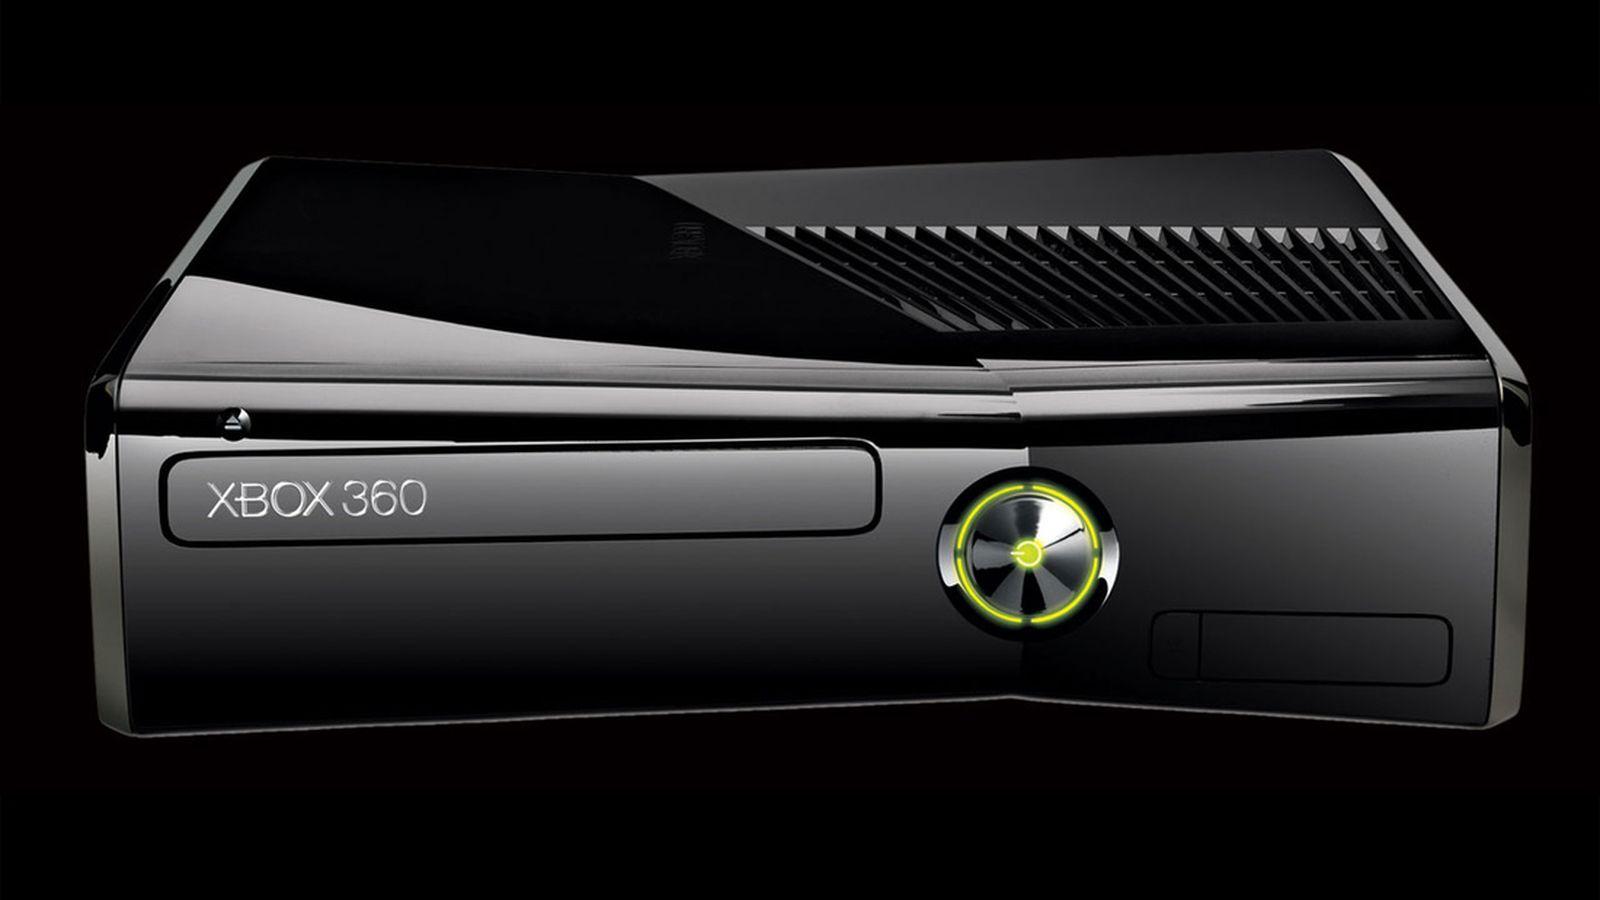 بۆ یهكهم جار فێركاری چۆنیەتی داگرتنی یاری بۆ xbox360 به فلاش له رێگای كۆمپیوتهرهوه